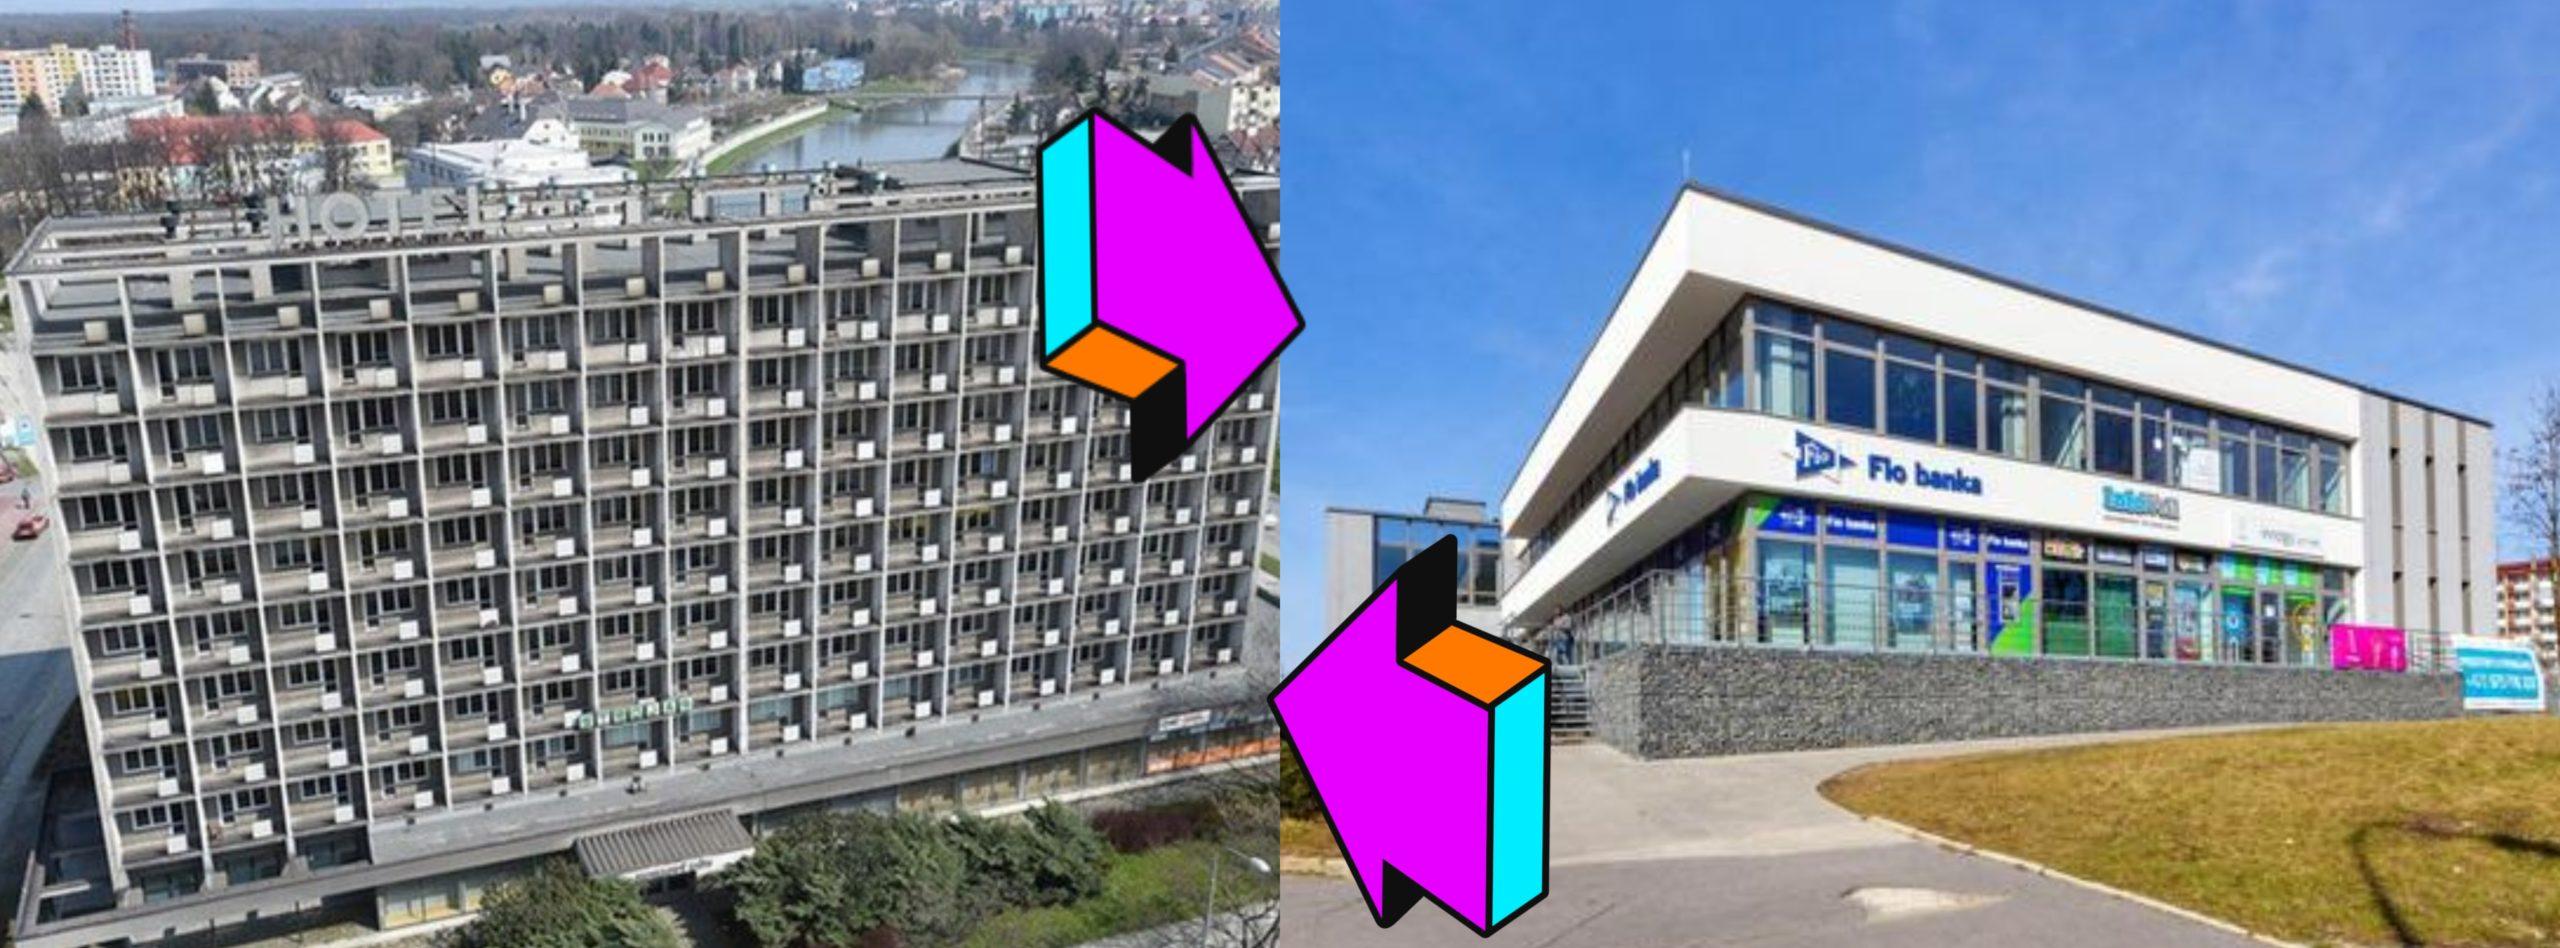 Vymění město Strojař za objekt pro knihovnu? O plánu budou zastupitelé jednat v říjnu